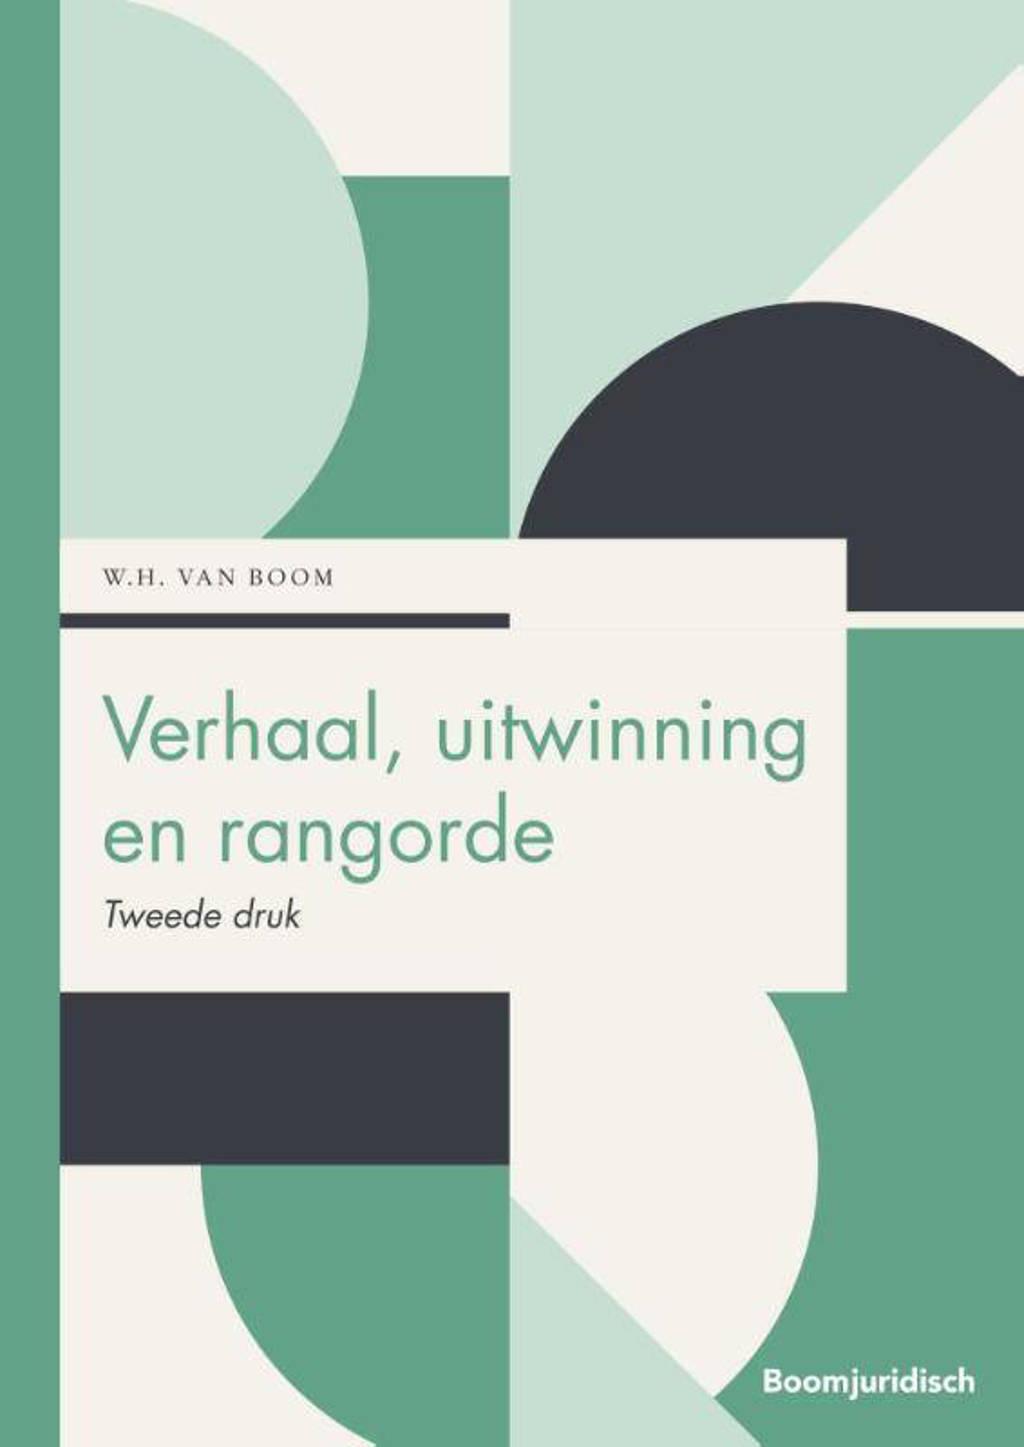 Boom Juridische studieboeken: Verhaal, uitwinning en rangorde - Willem van Boom